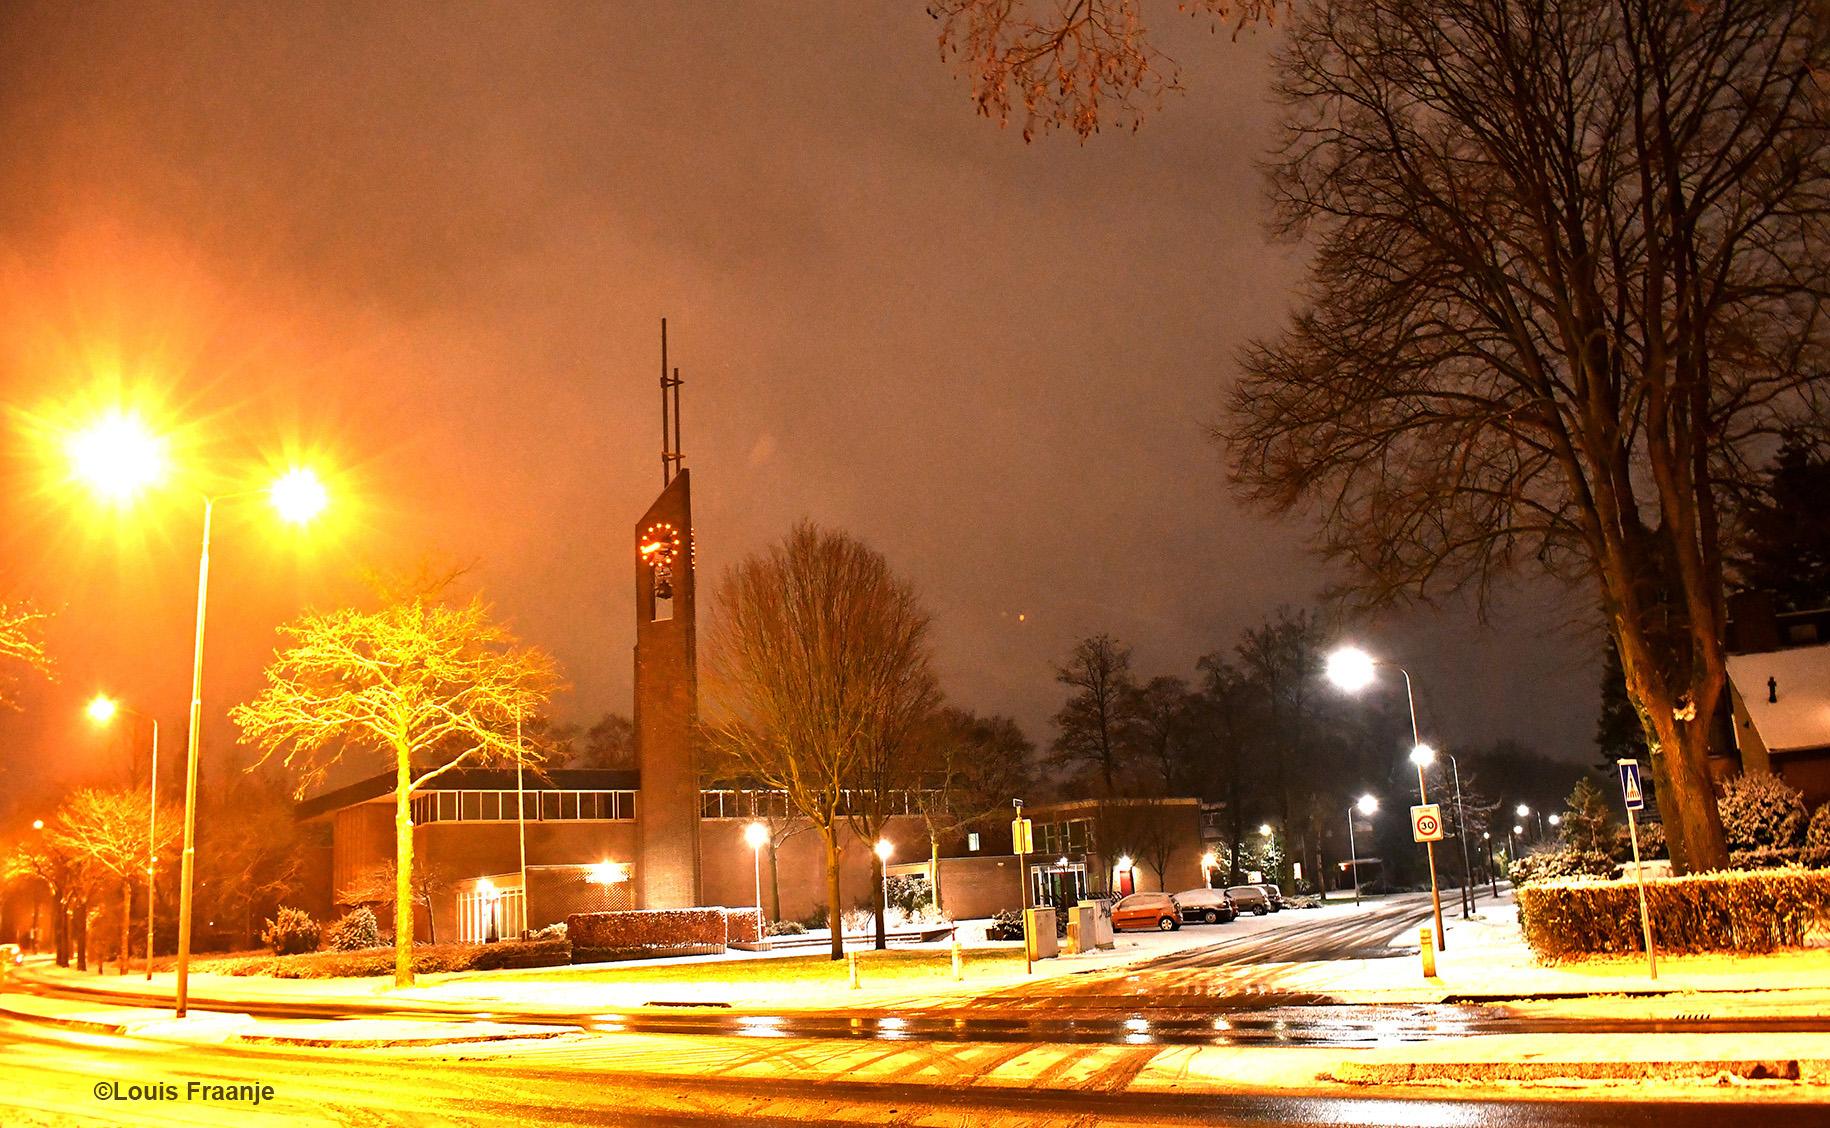 Bethelkerk vanaf het kruispunt Jan Th. Tooroplaan en Diedenweg - Foto: ©Louis Fraanje